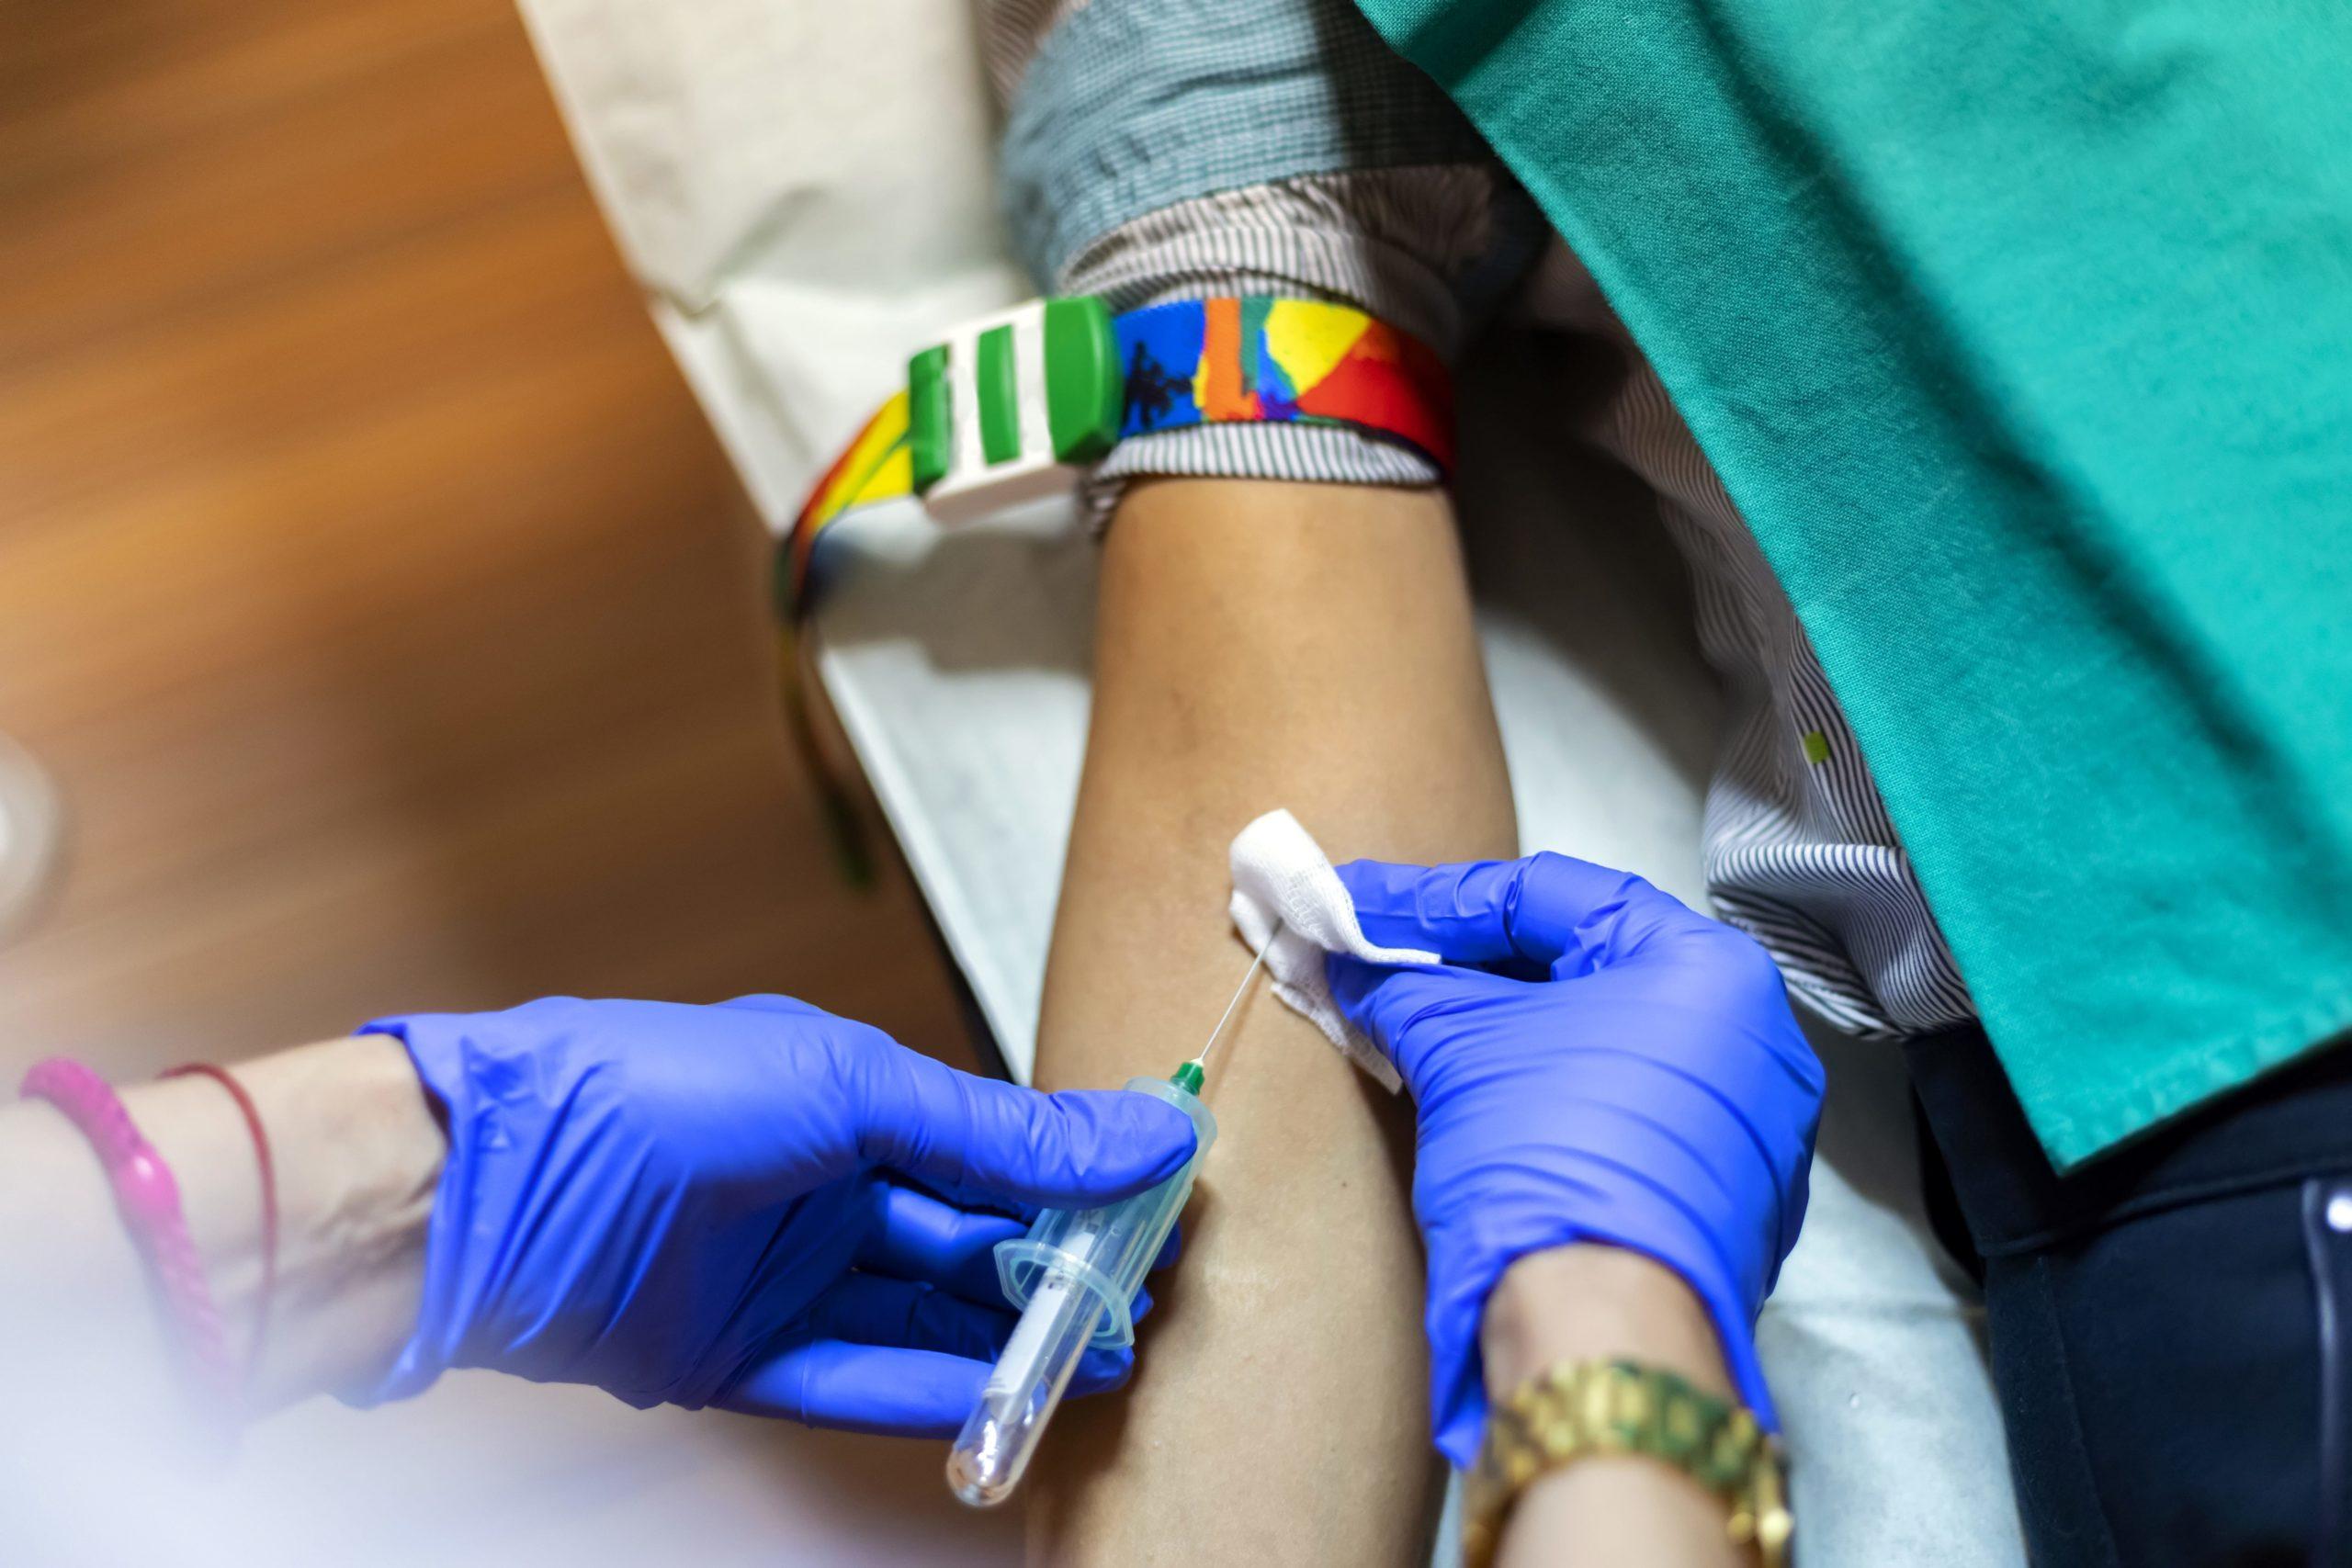 Discover CareerStep's hemodialysis technician program today | CareerStep